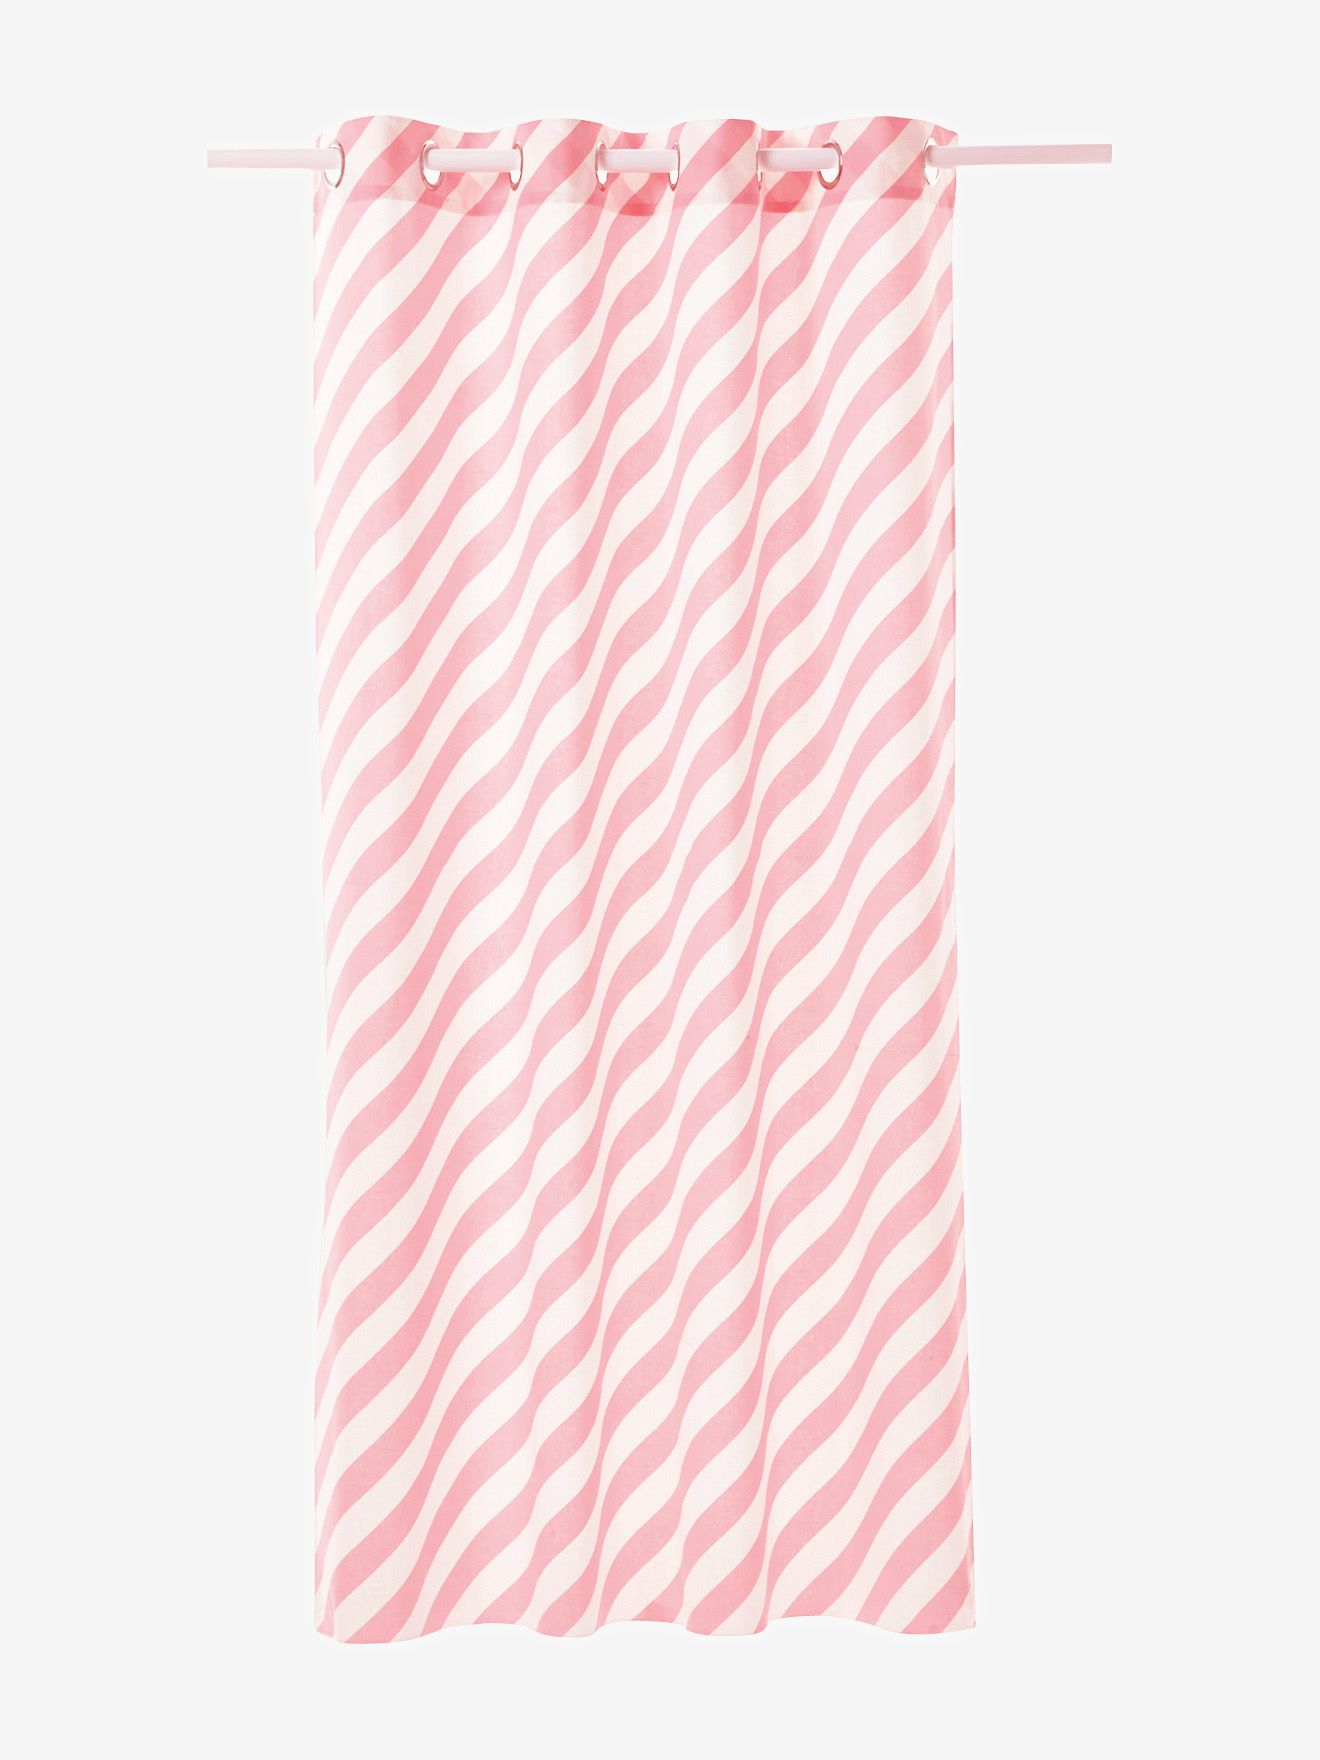 Vertbaudet Gardine Mit Streifen In Rosa Gestreift 135x260 Stuck 16 Rosa Streifen Gardinen Rosa Graue Vorhange